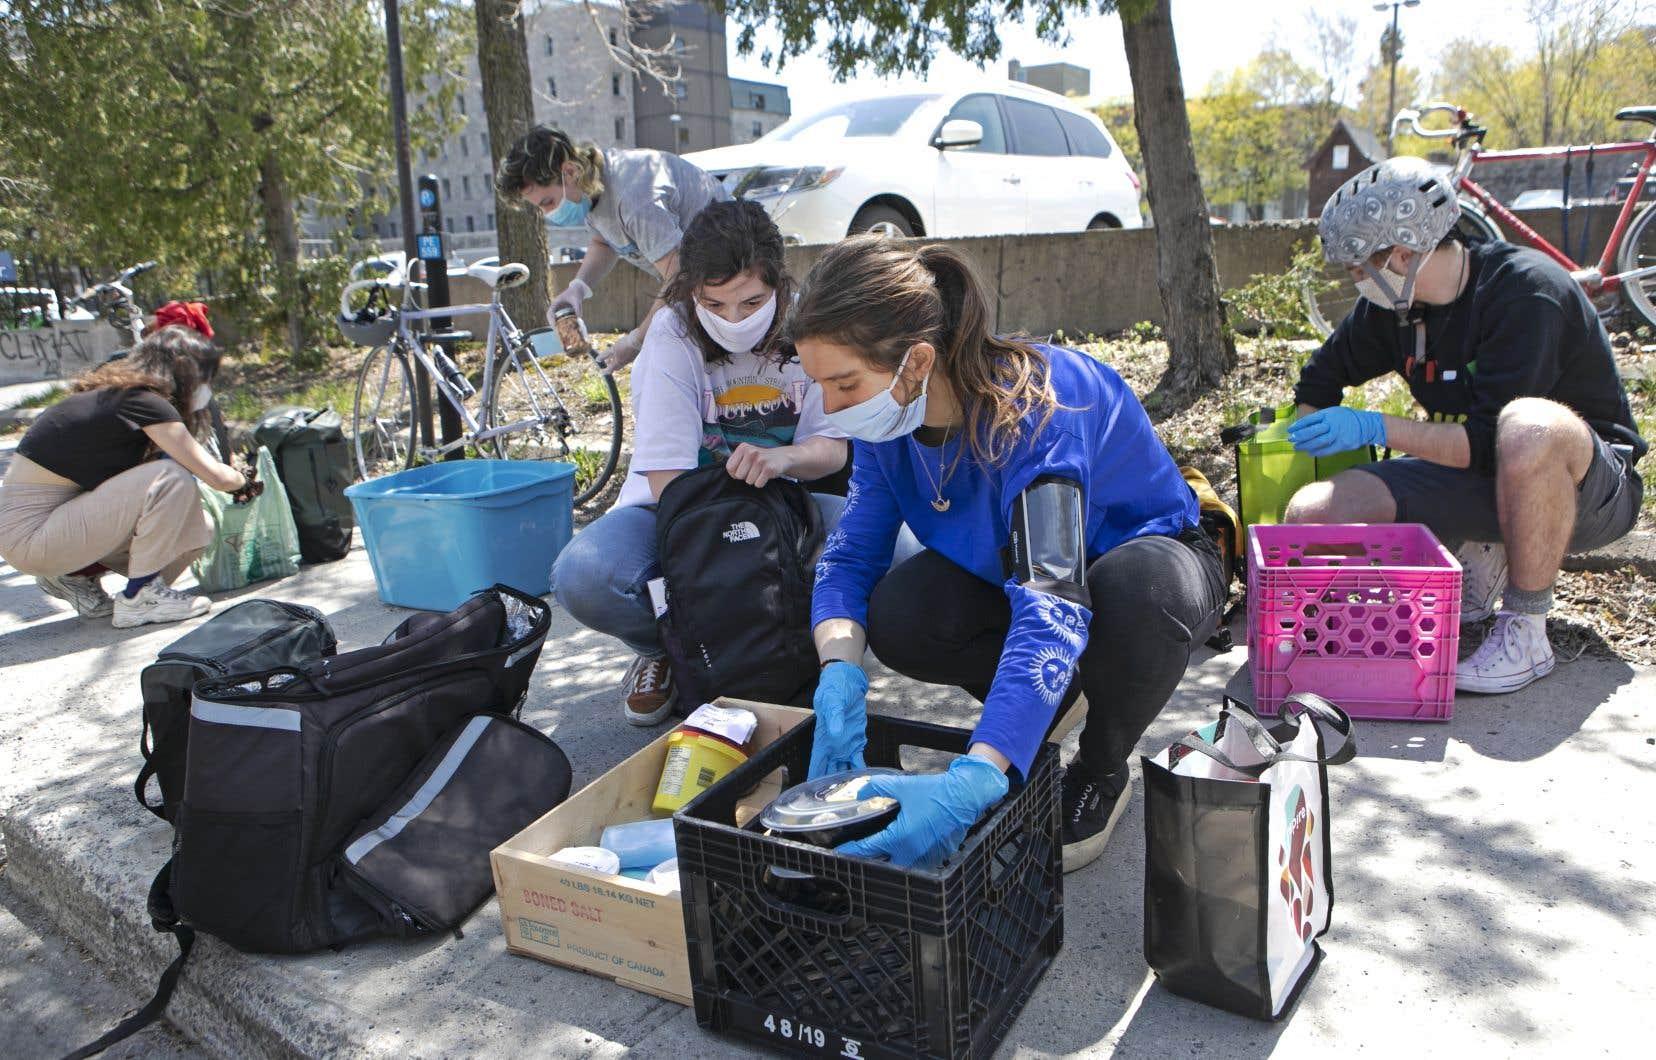 Collecte de nourriture par des bénévoles du projet Faisenpour2 rue Saint-Urbain, à Montréal. C'est Clara de Richoufftz (chandail bleu) qui a fondé et mis sur pied ce concept, qui existait avant la pandémie sur les campus universitaires.